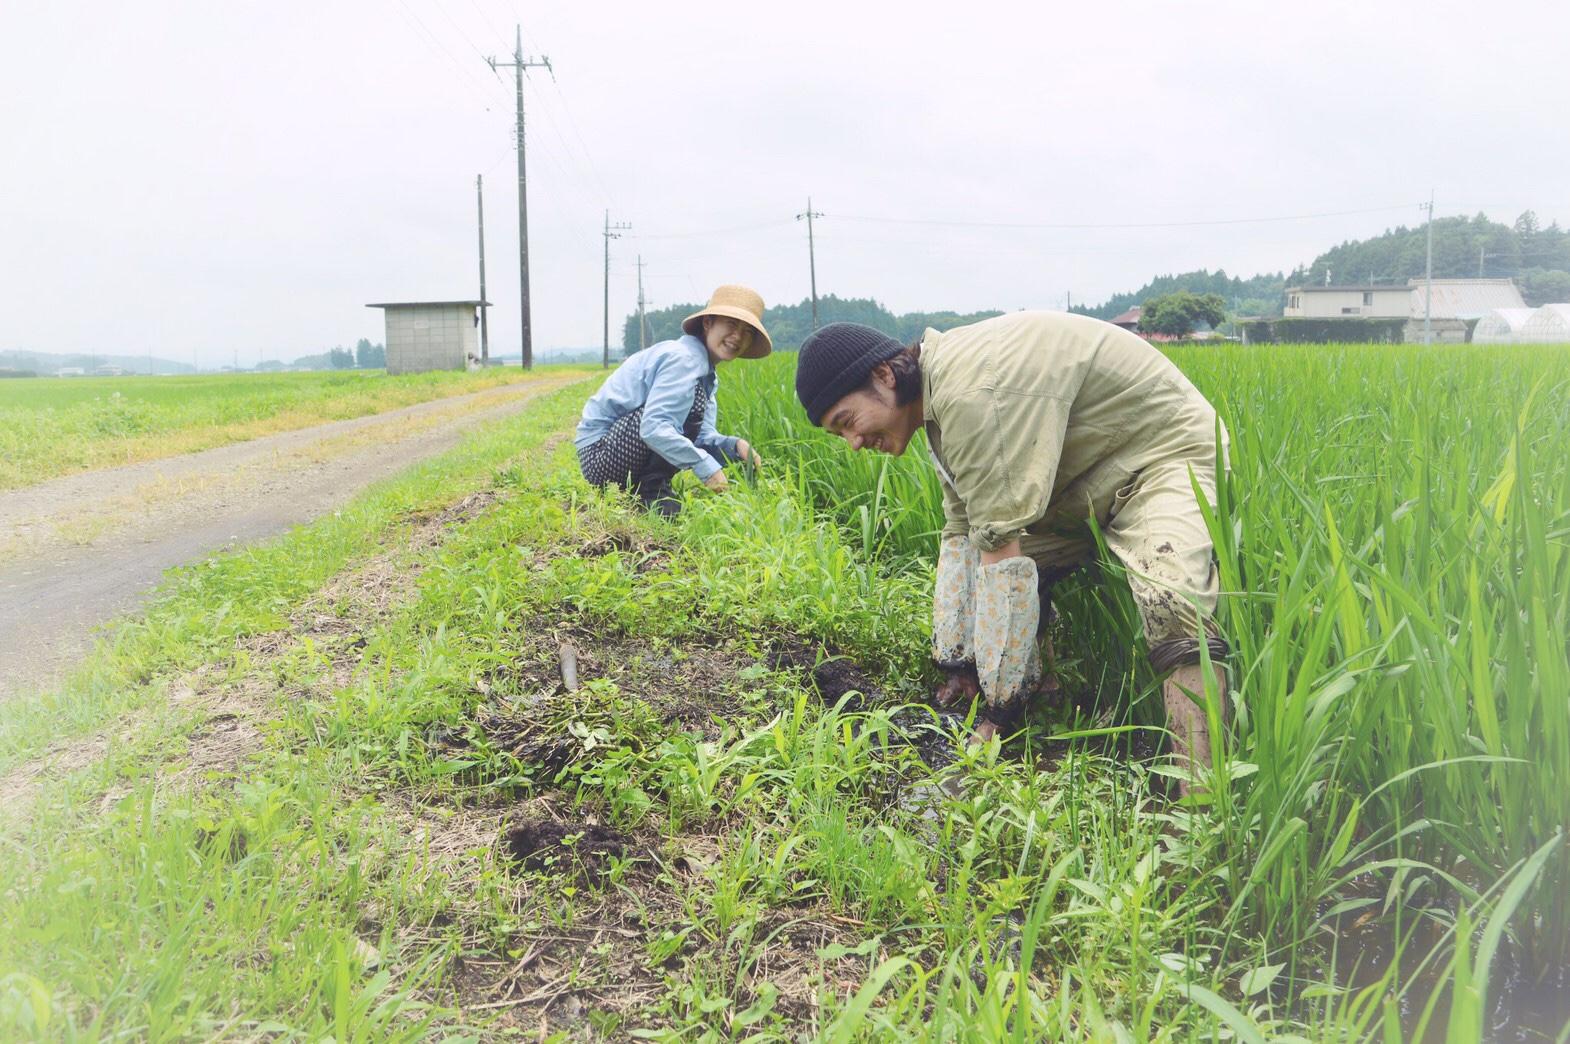 週末ファームステイ夏・生産者農家さんへ草取りのお手伝いへ行きました!